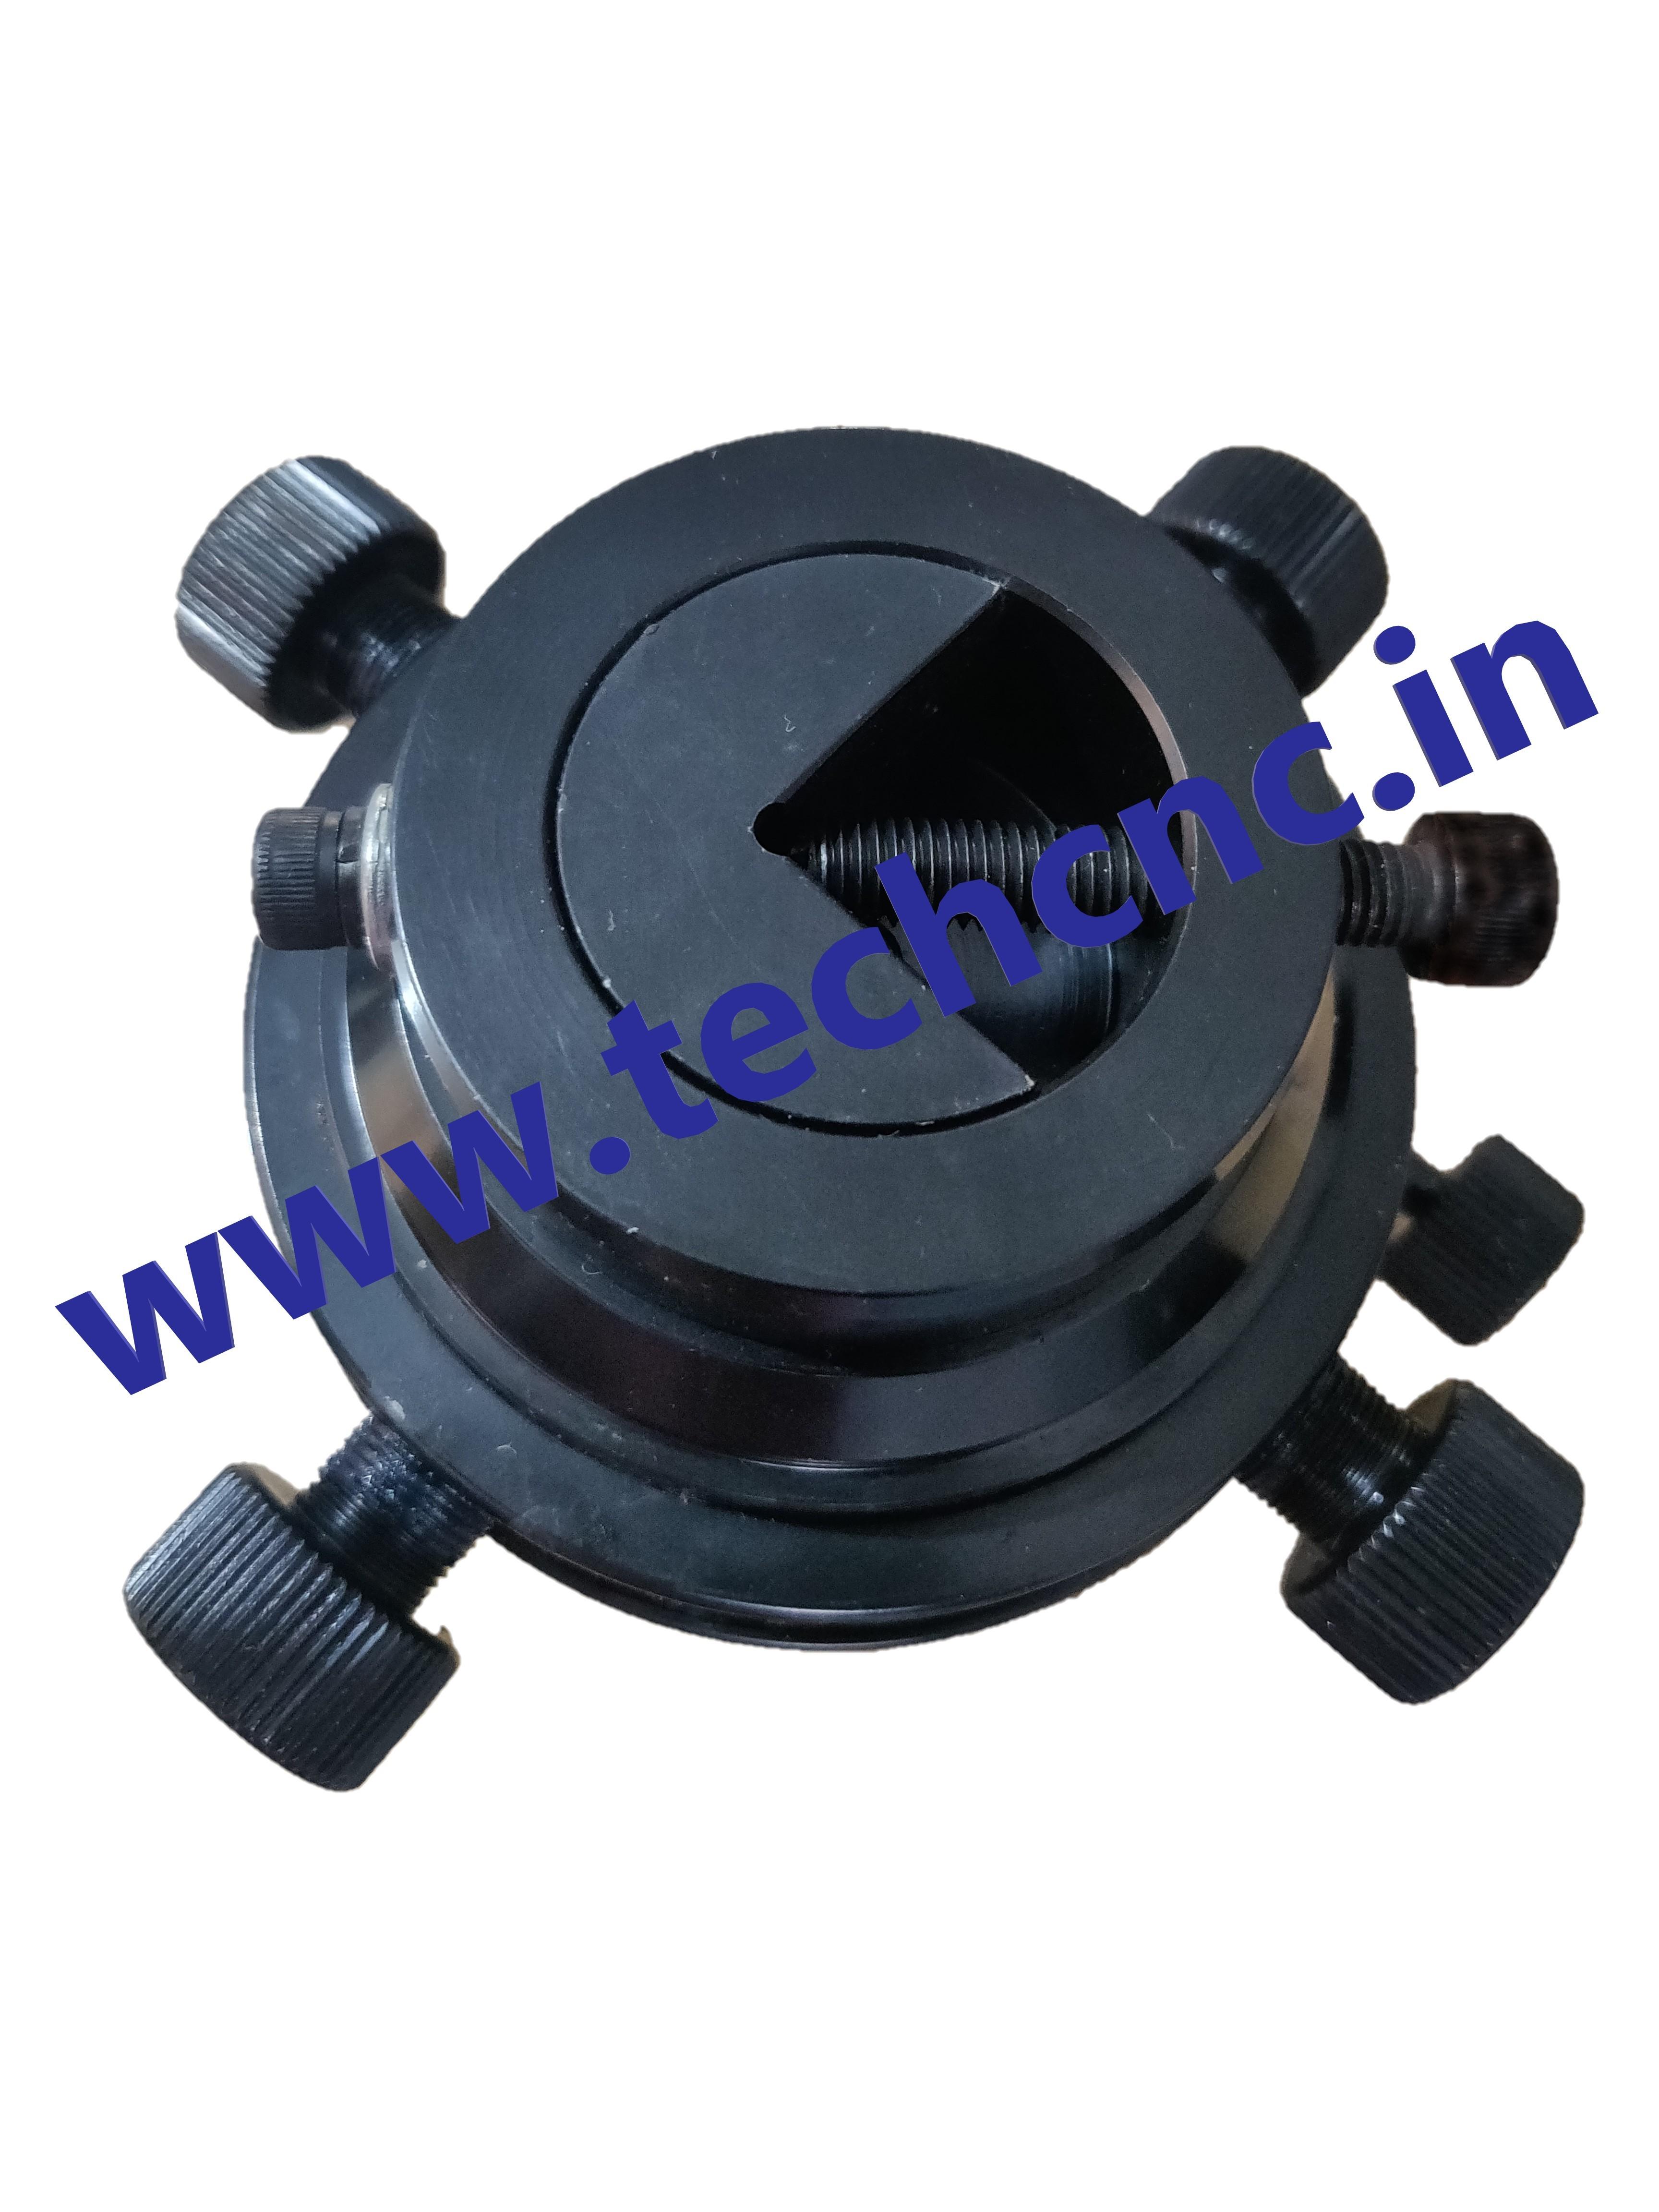 3R/Erowa Adjustable Electrode Holder For EDM Machine